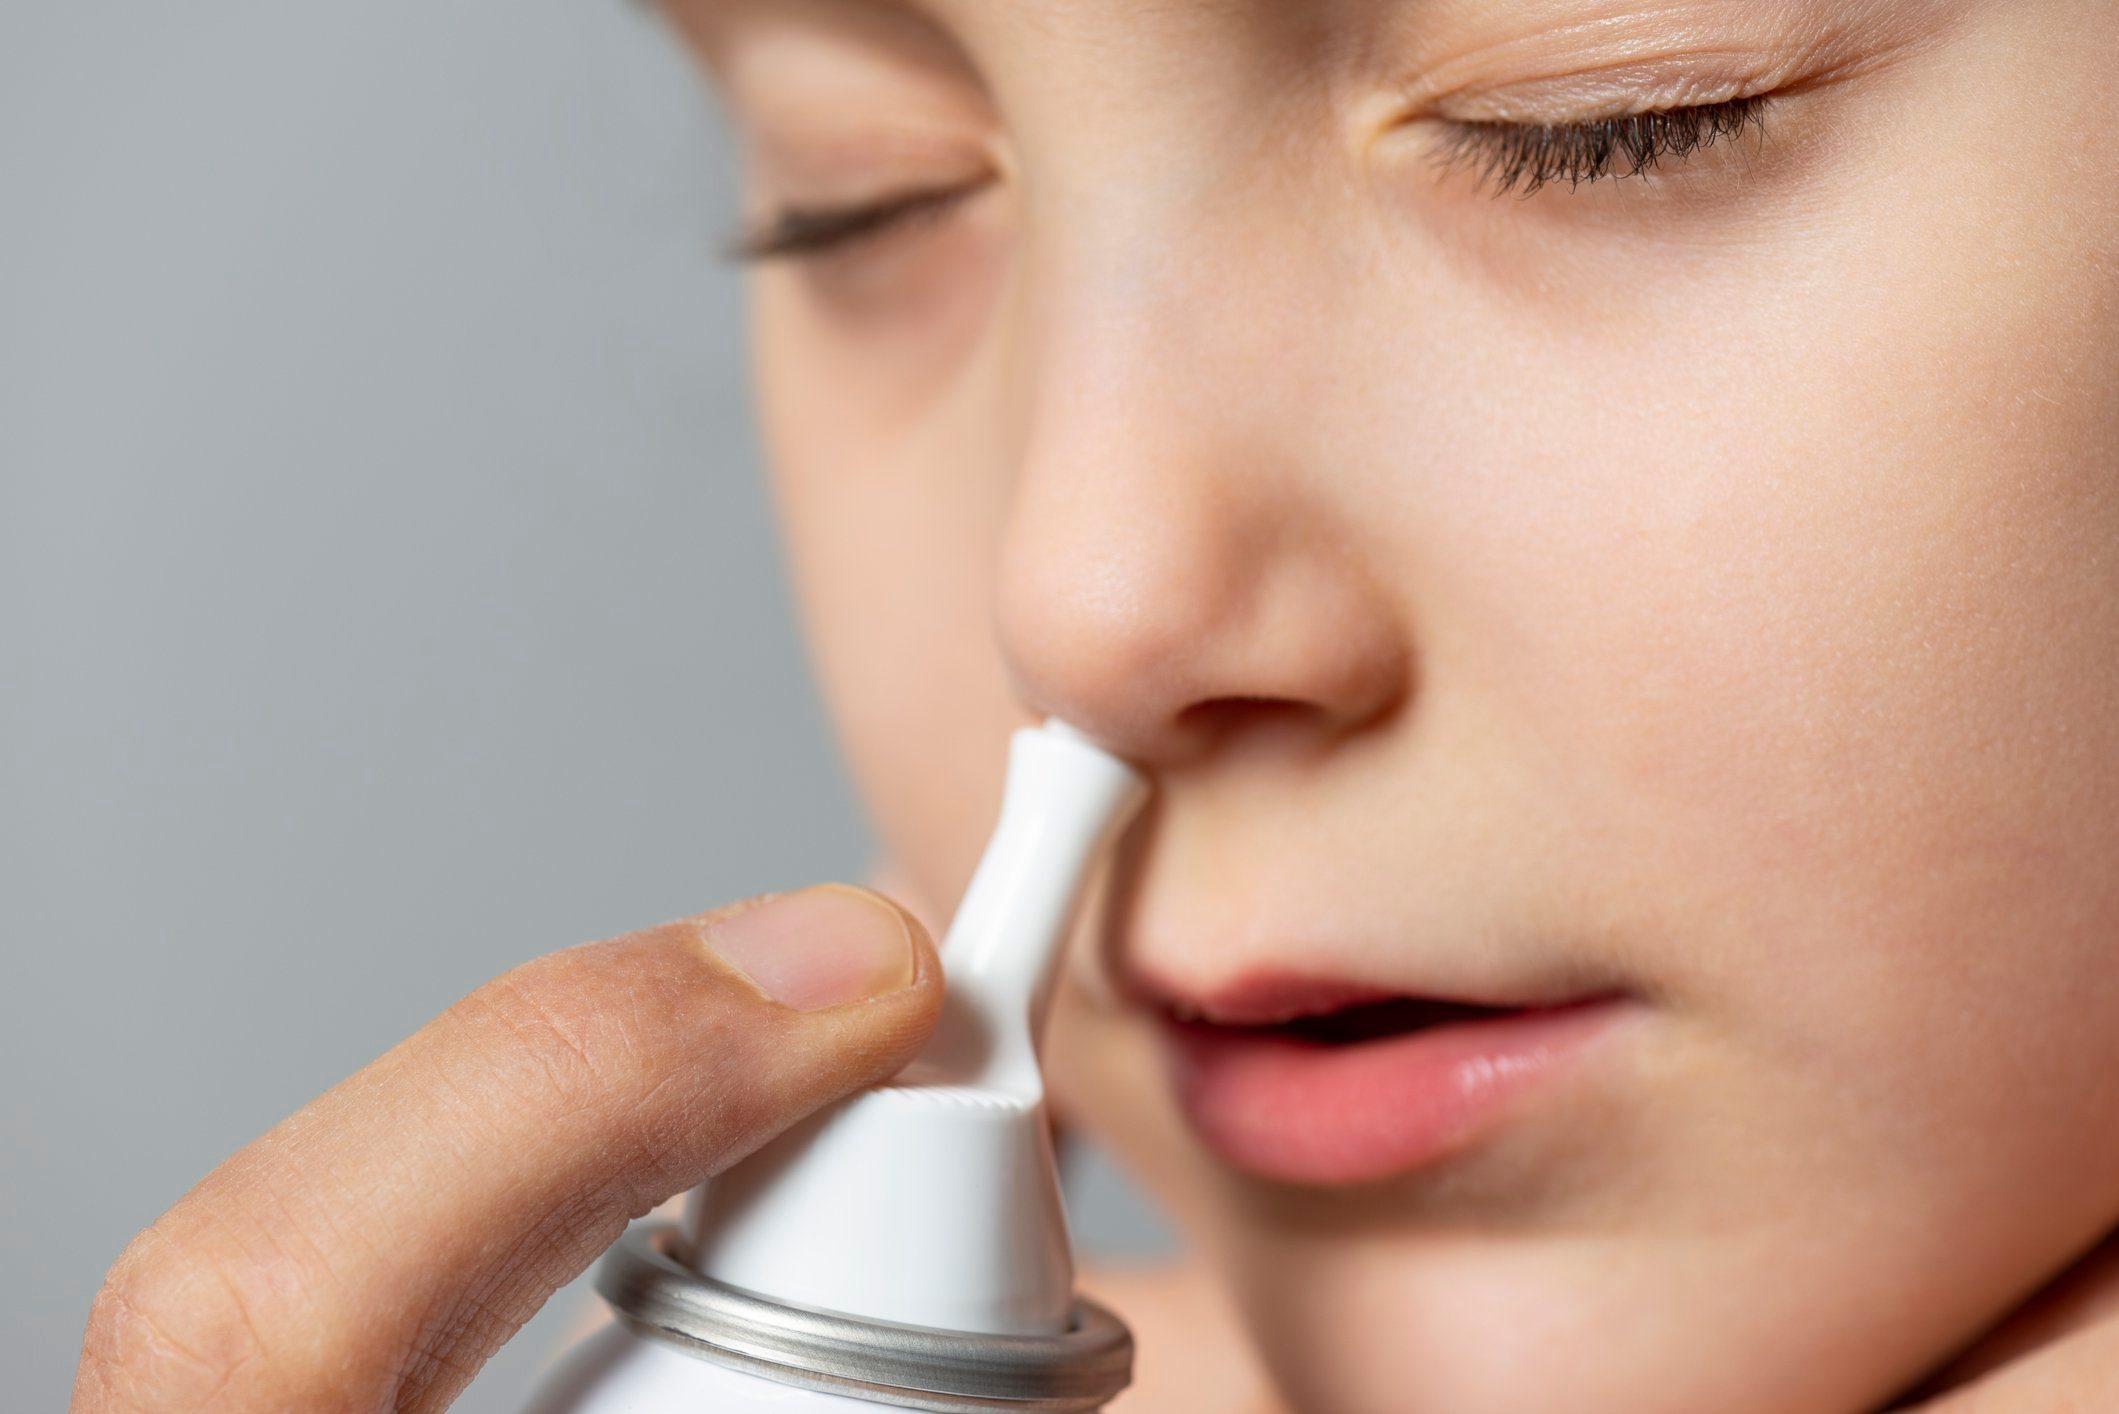 nasal spray aerosol can